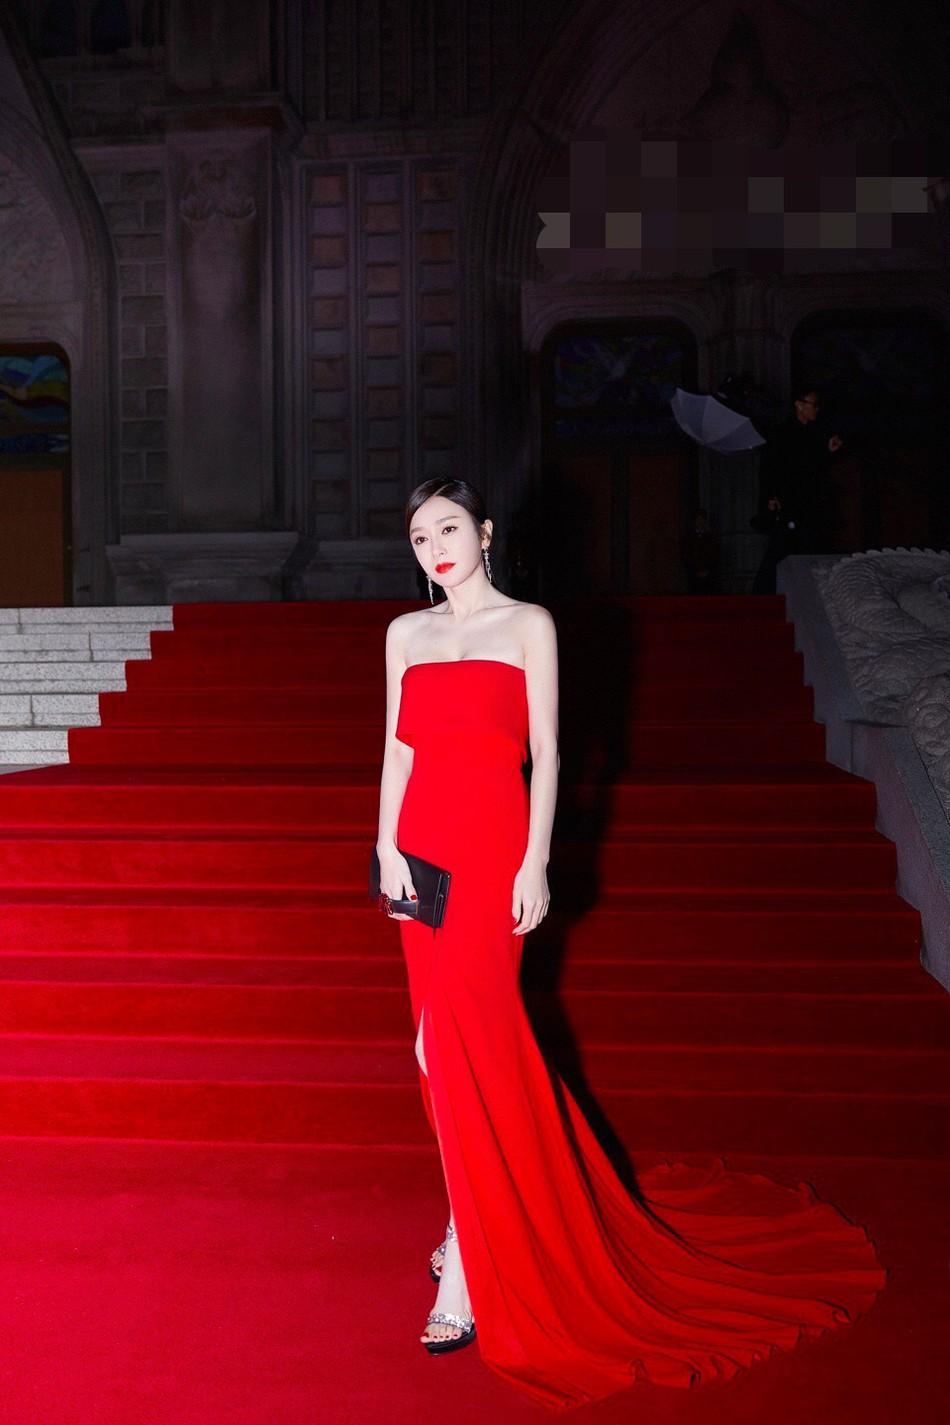 Hoàng Hậu Tần Lam khoe sắc vóc ngọc ngà, vòng 1 e ấp tại thảm đỏ sự kiện Hàn Quốc - Ảnh 2.